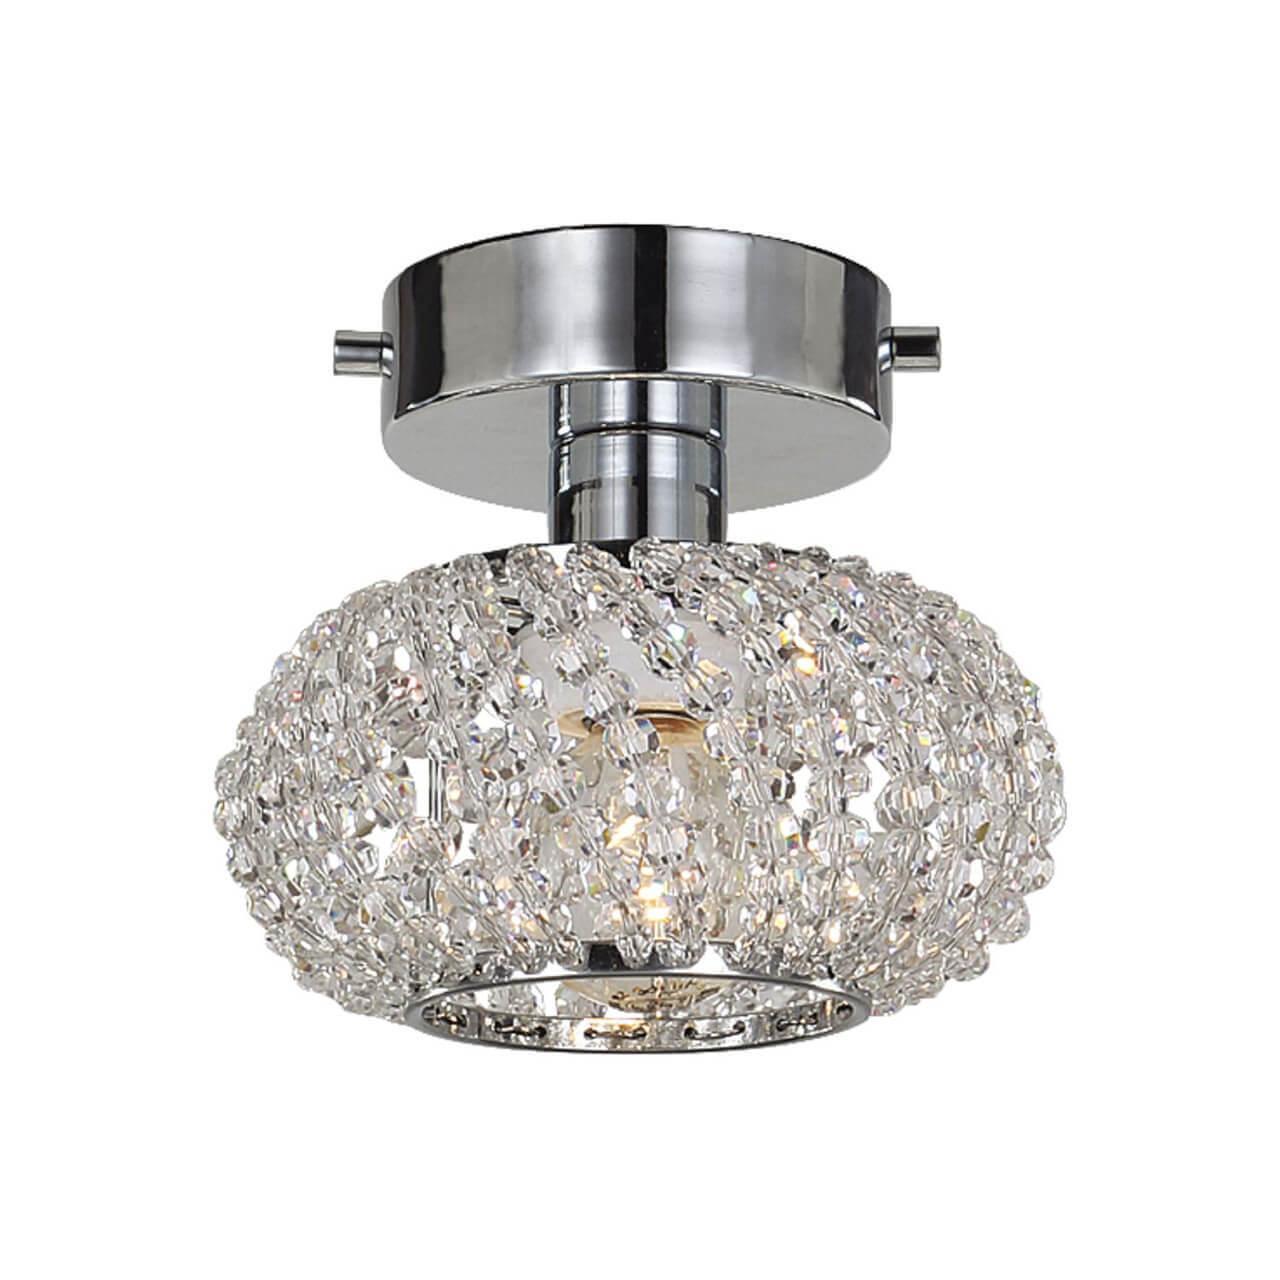 купить Потолочный светильник Favourite 1392-1U по цене 4070 рублей